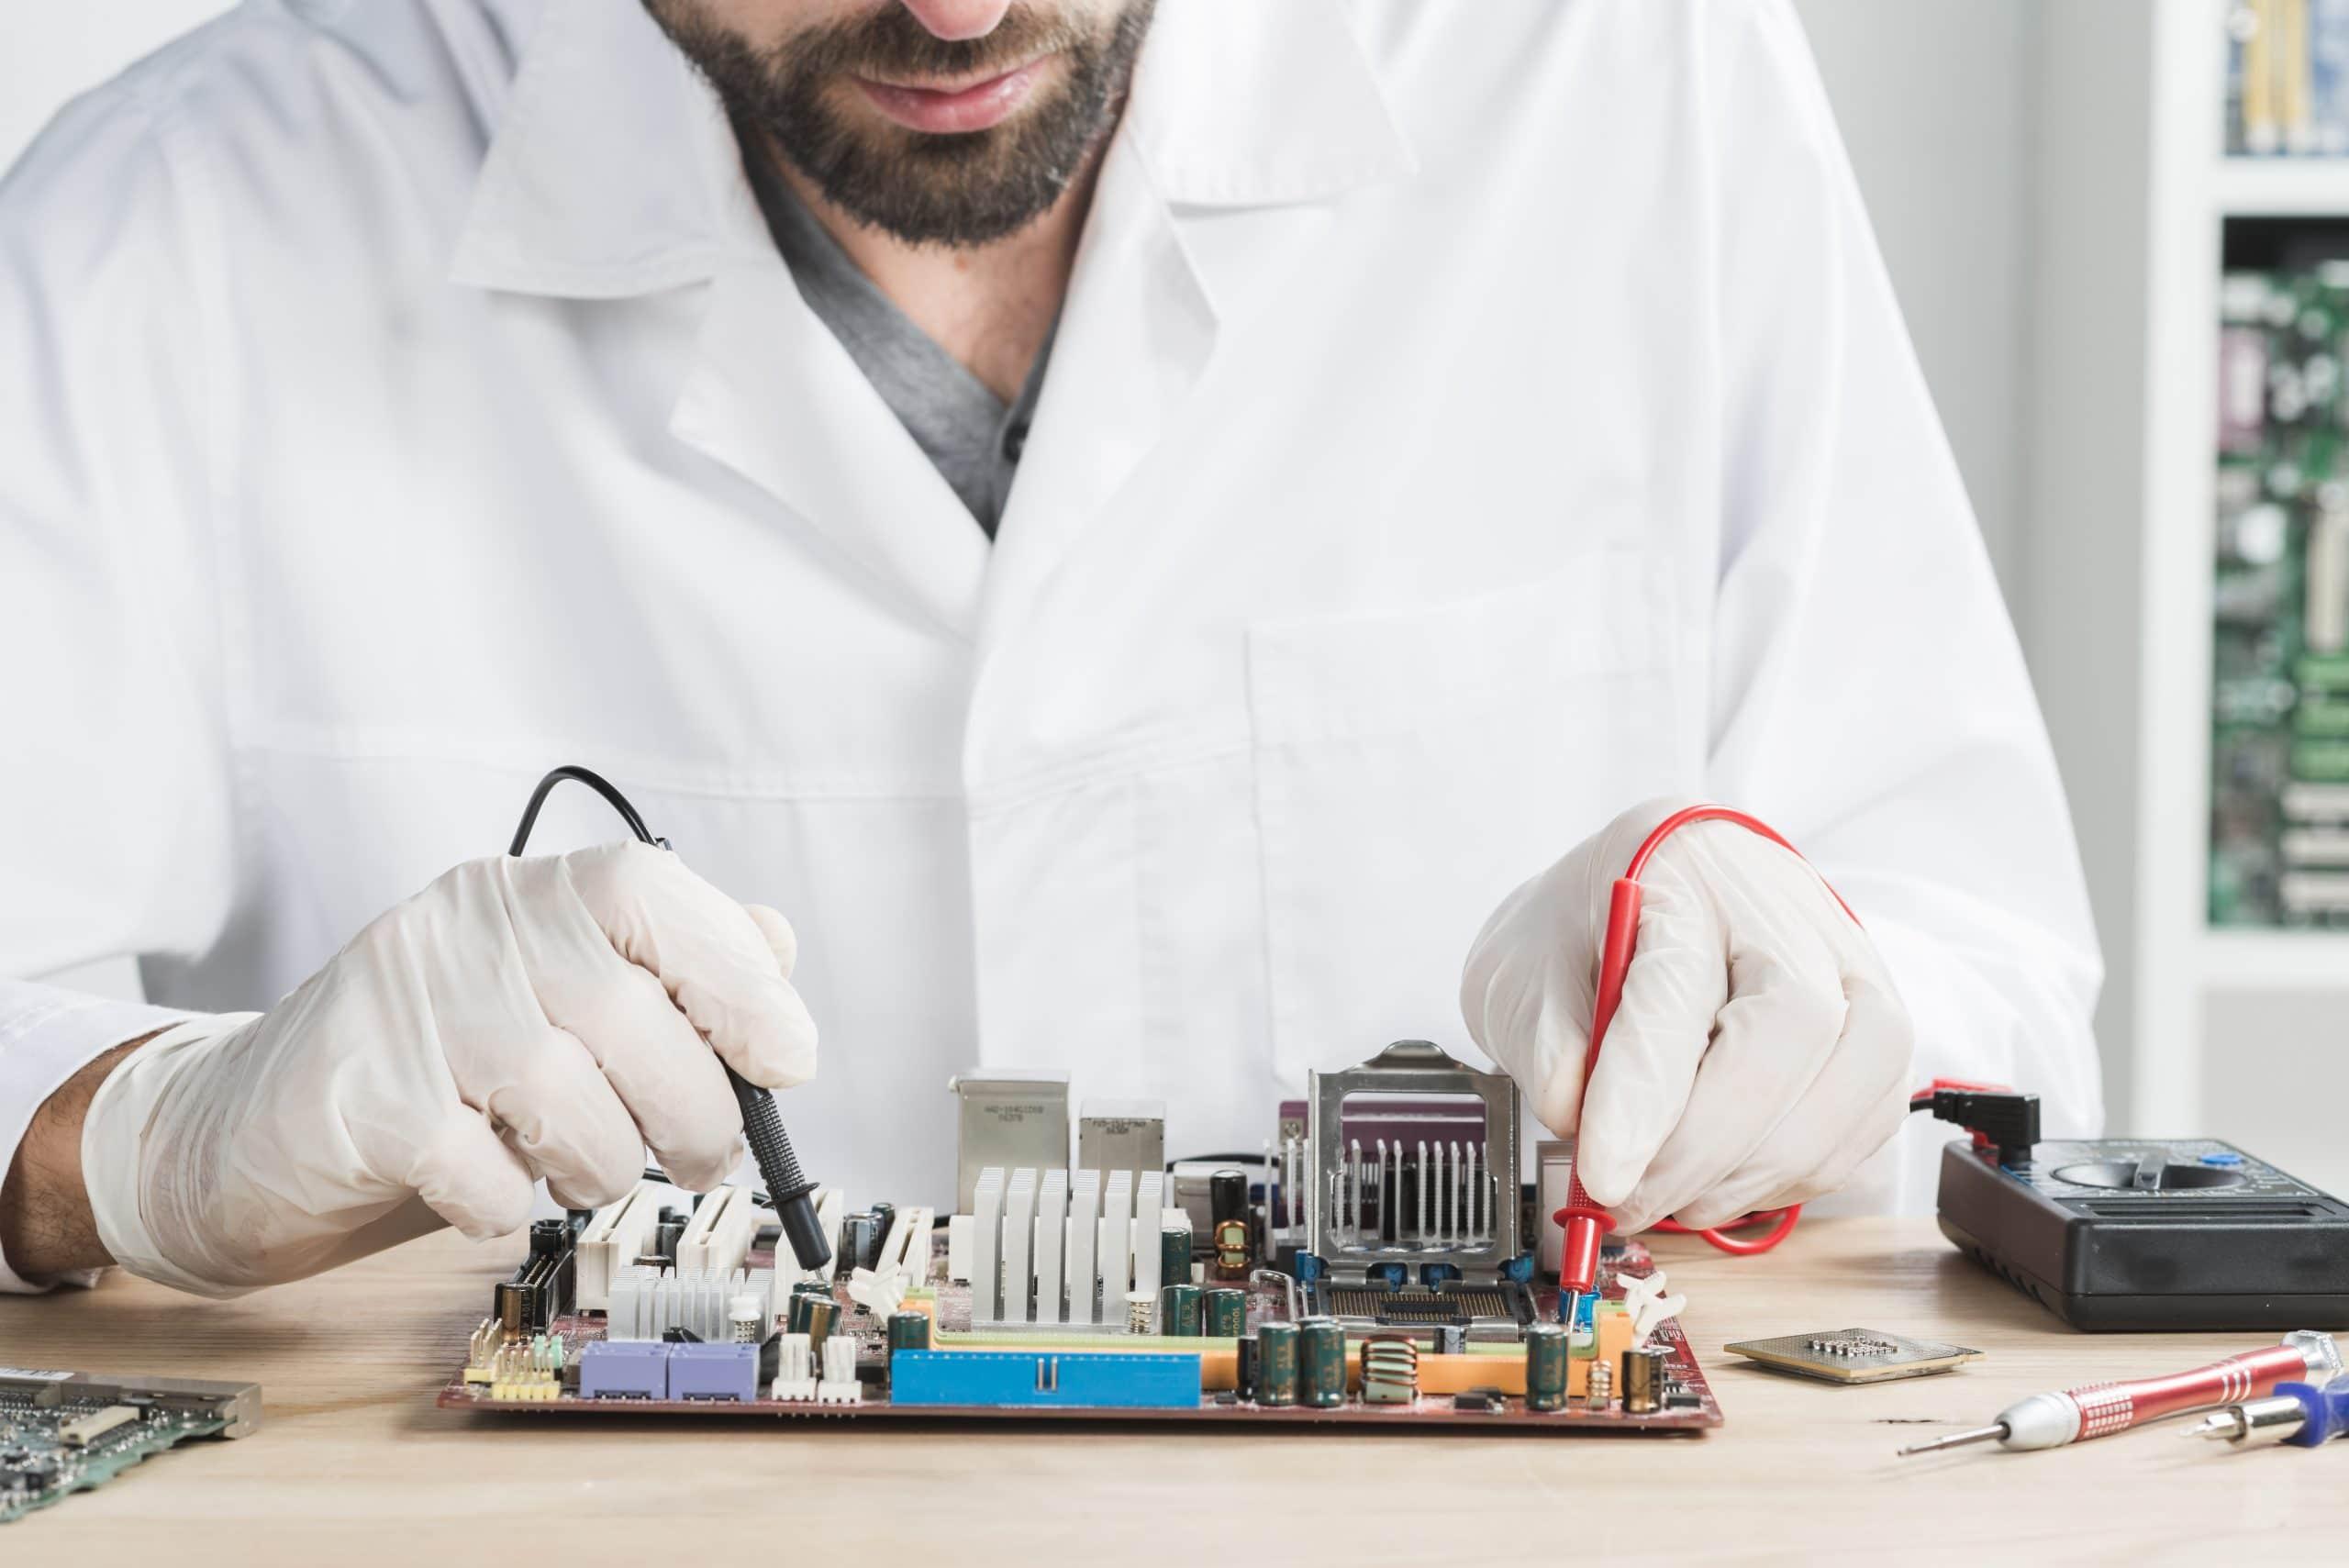 Computer reparation - hvordan fungerer det?